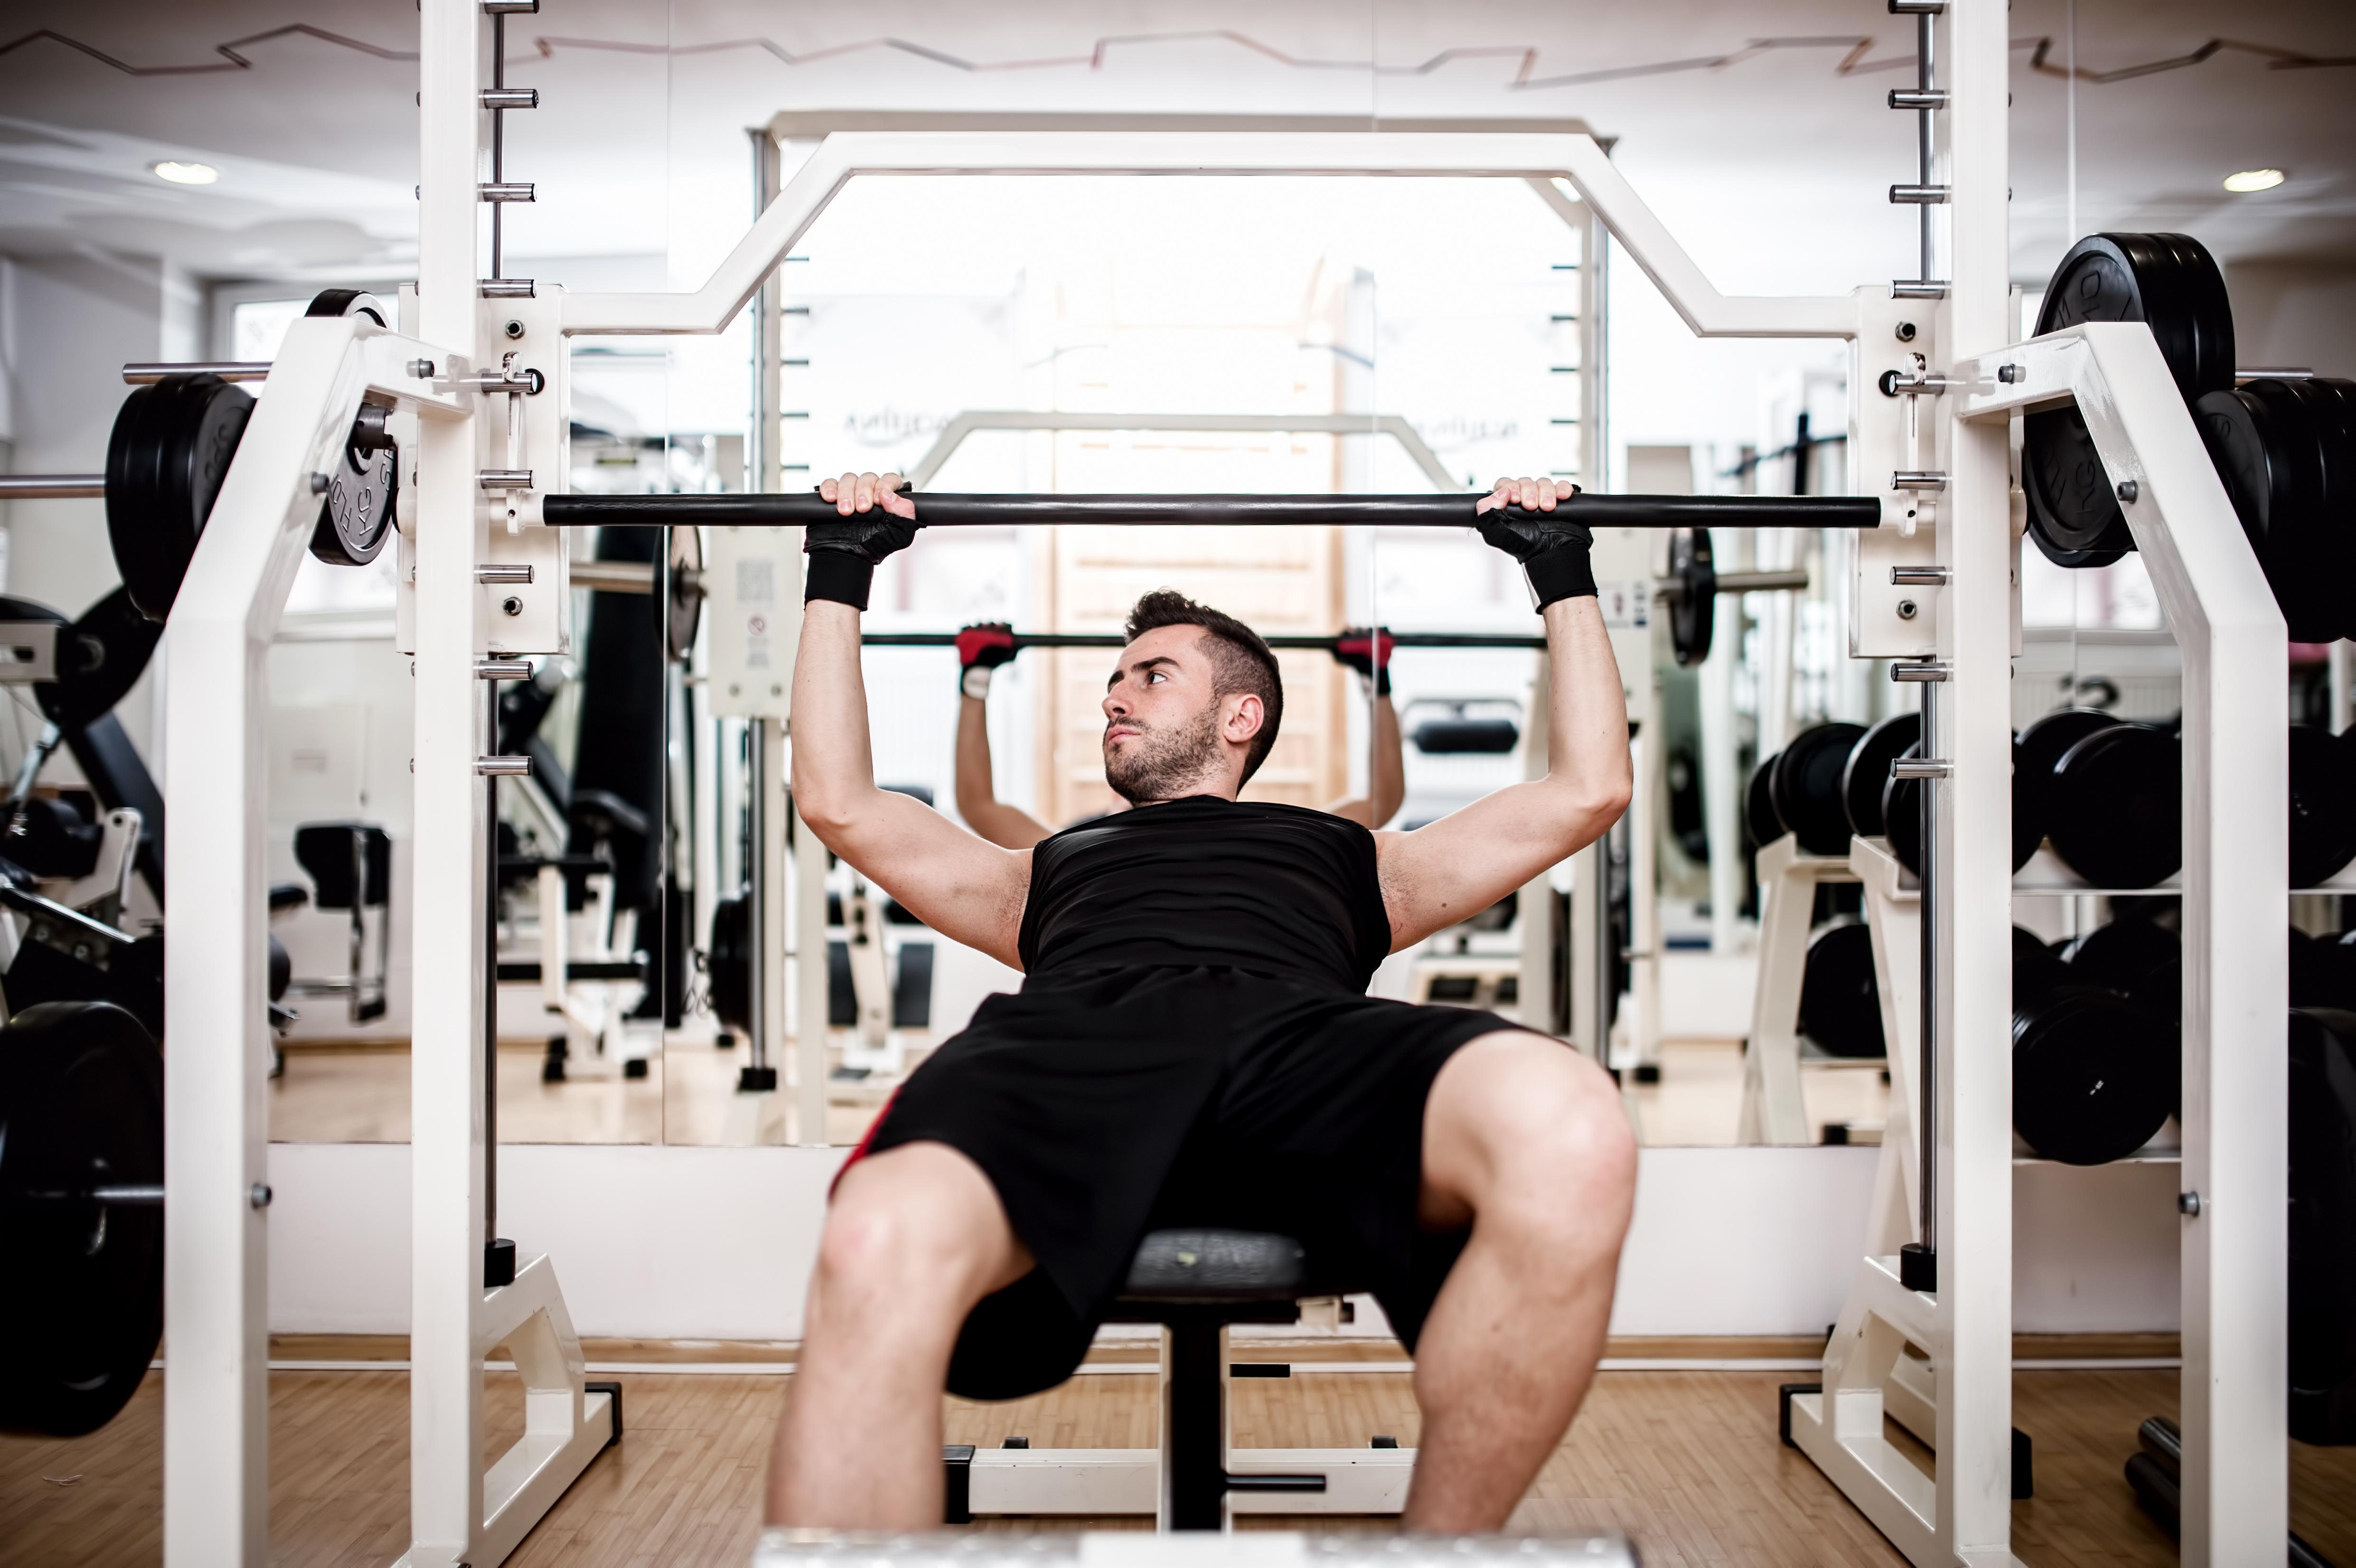 胸部ベンチプレス運動、ジムでワークアウト男